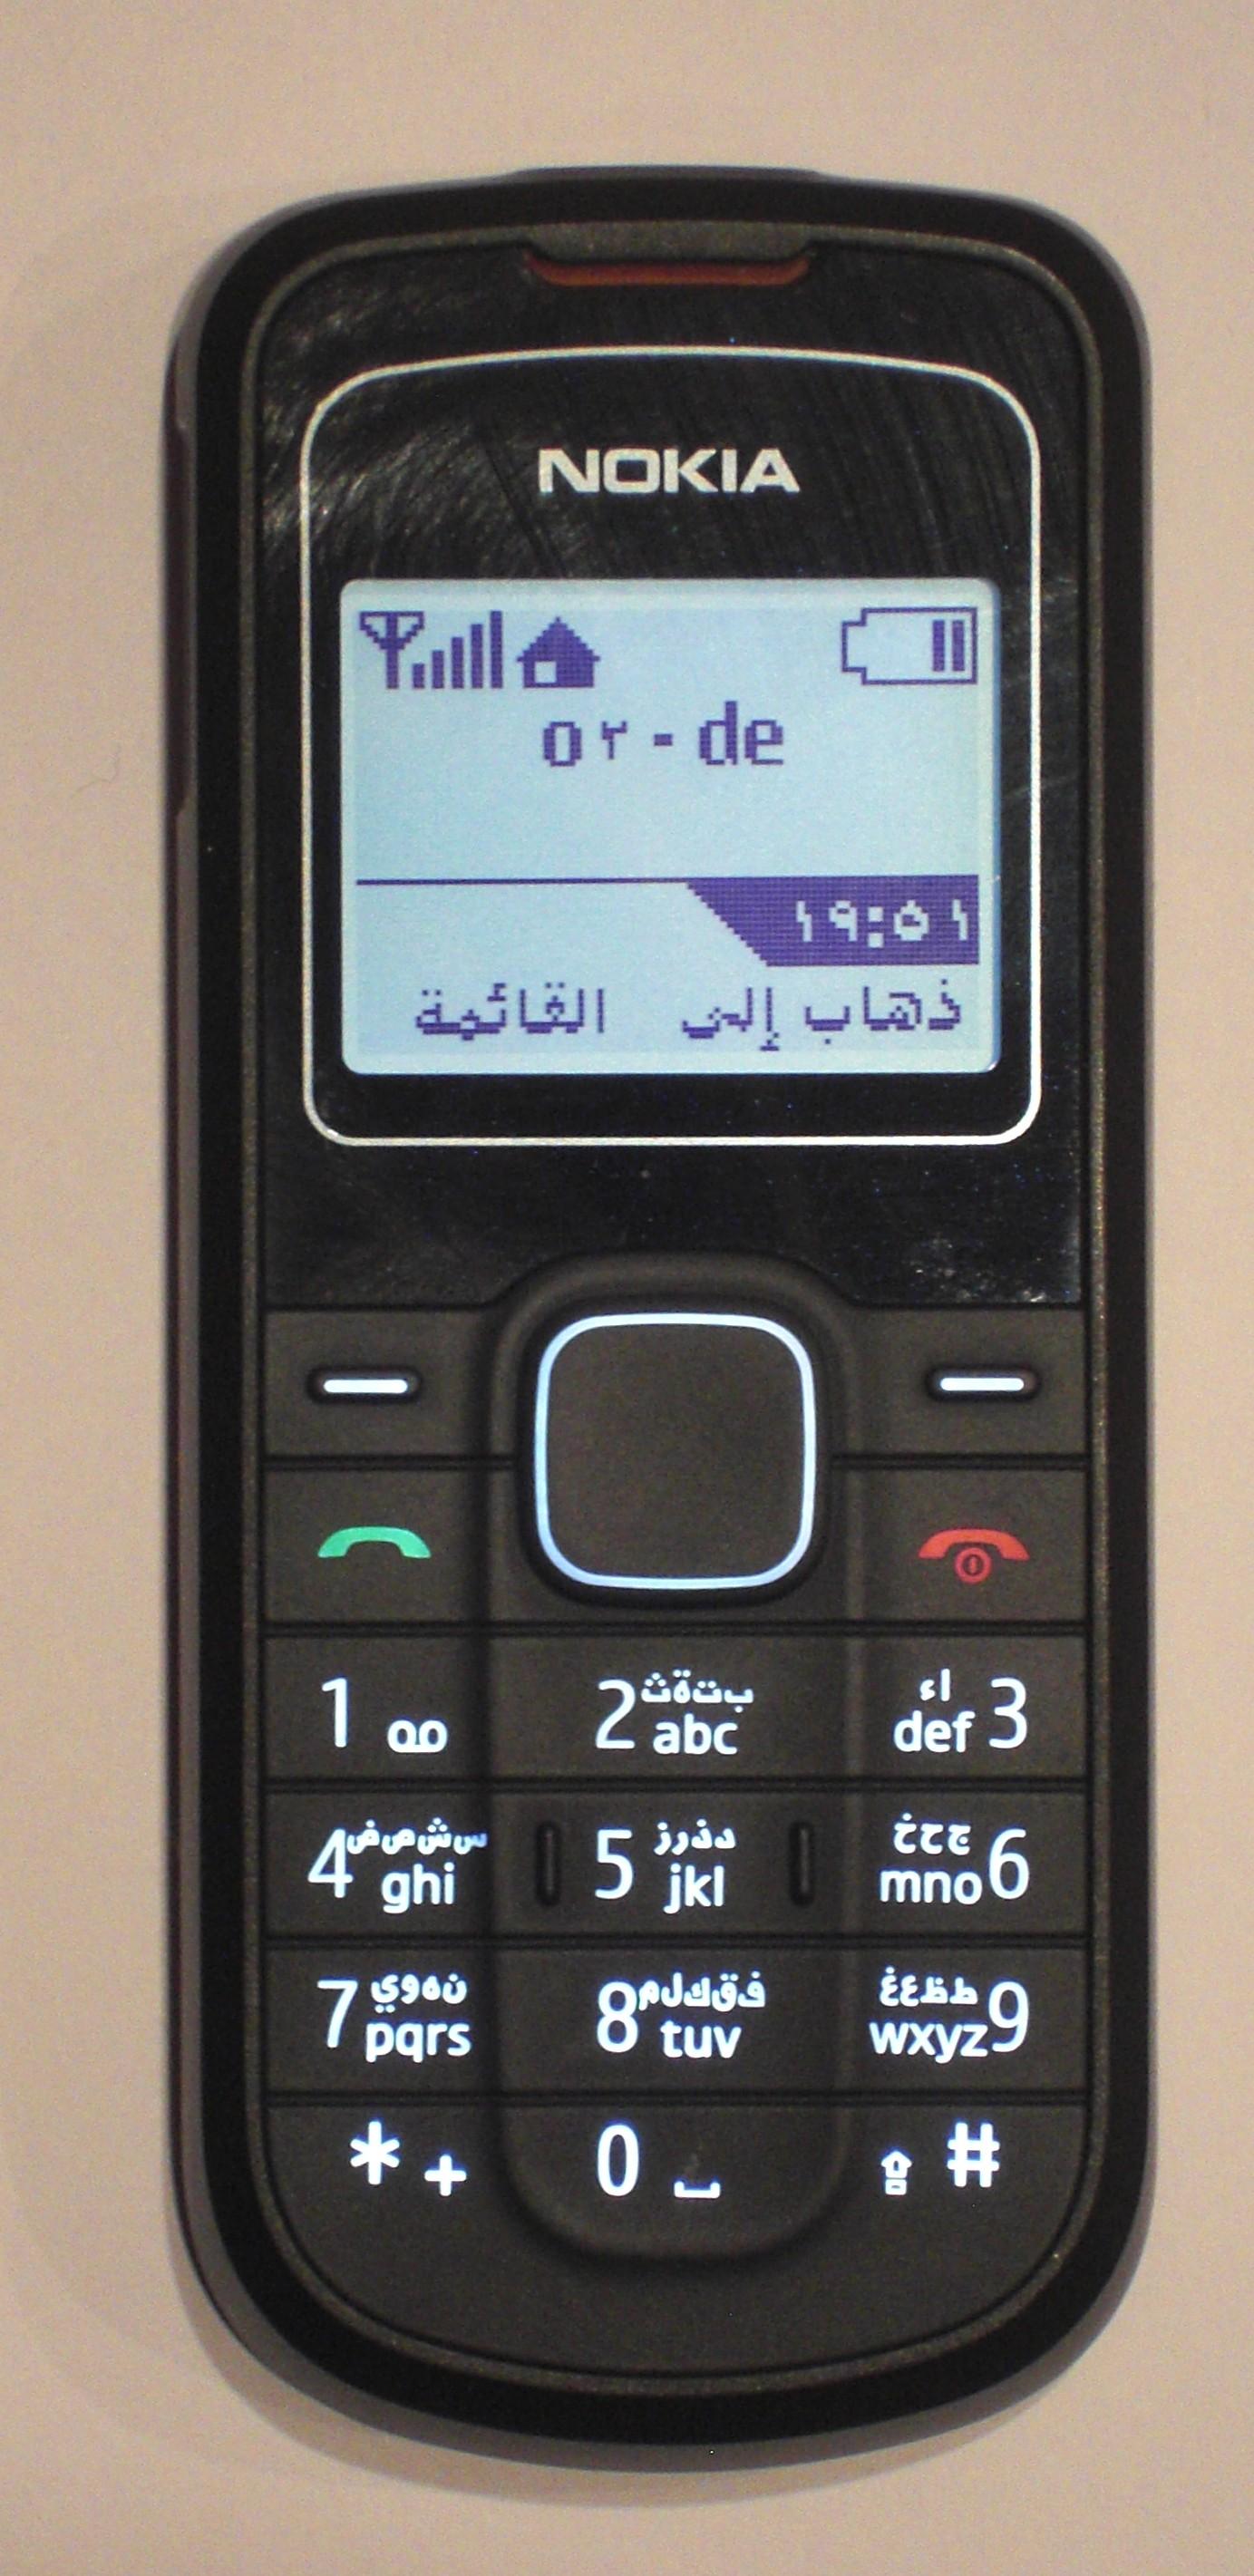 Nokia 1202   Wikipedia  the free encyclopedia